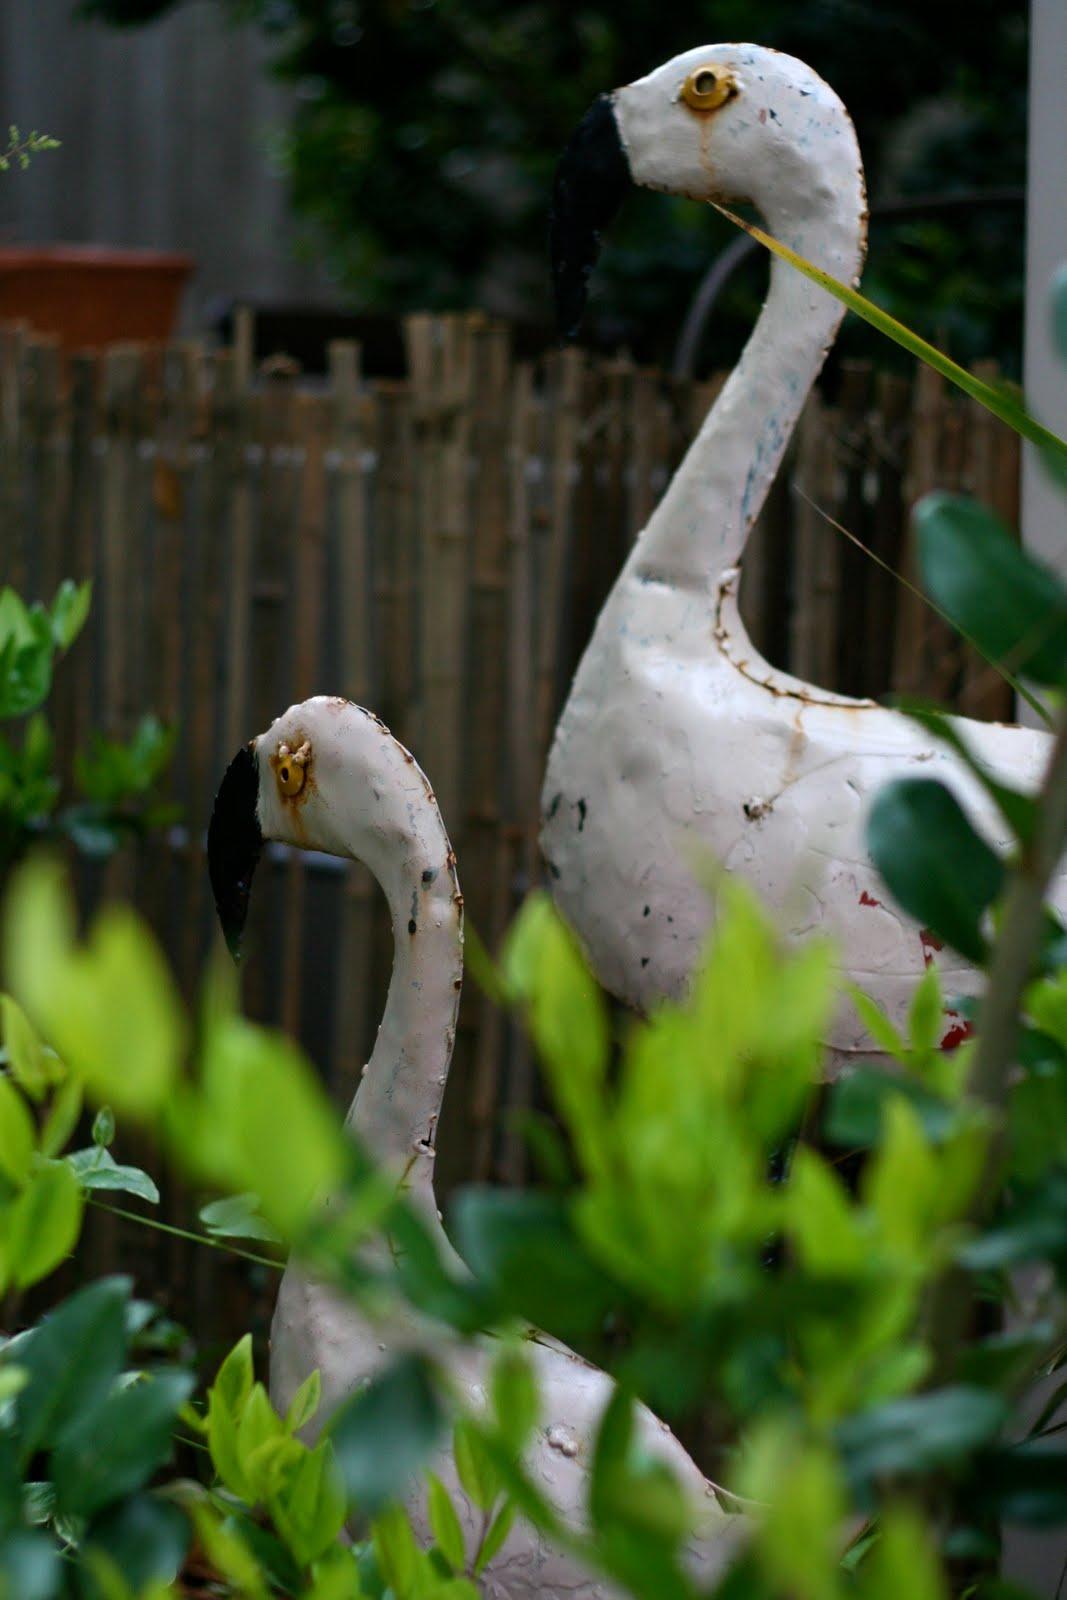 http://2.bp.blogspot.com/_DBLqeKbEEdM/S9TriOAvLkI/AAAAAAAAAdw/ee0mO5SGN0M/s1600/flamingos.jpg